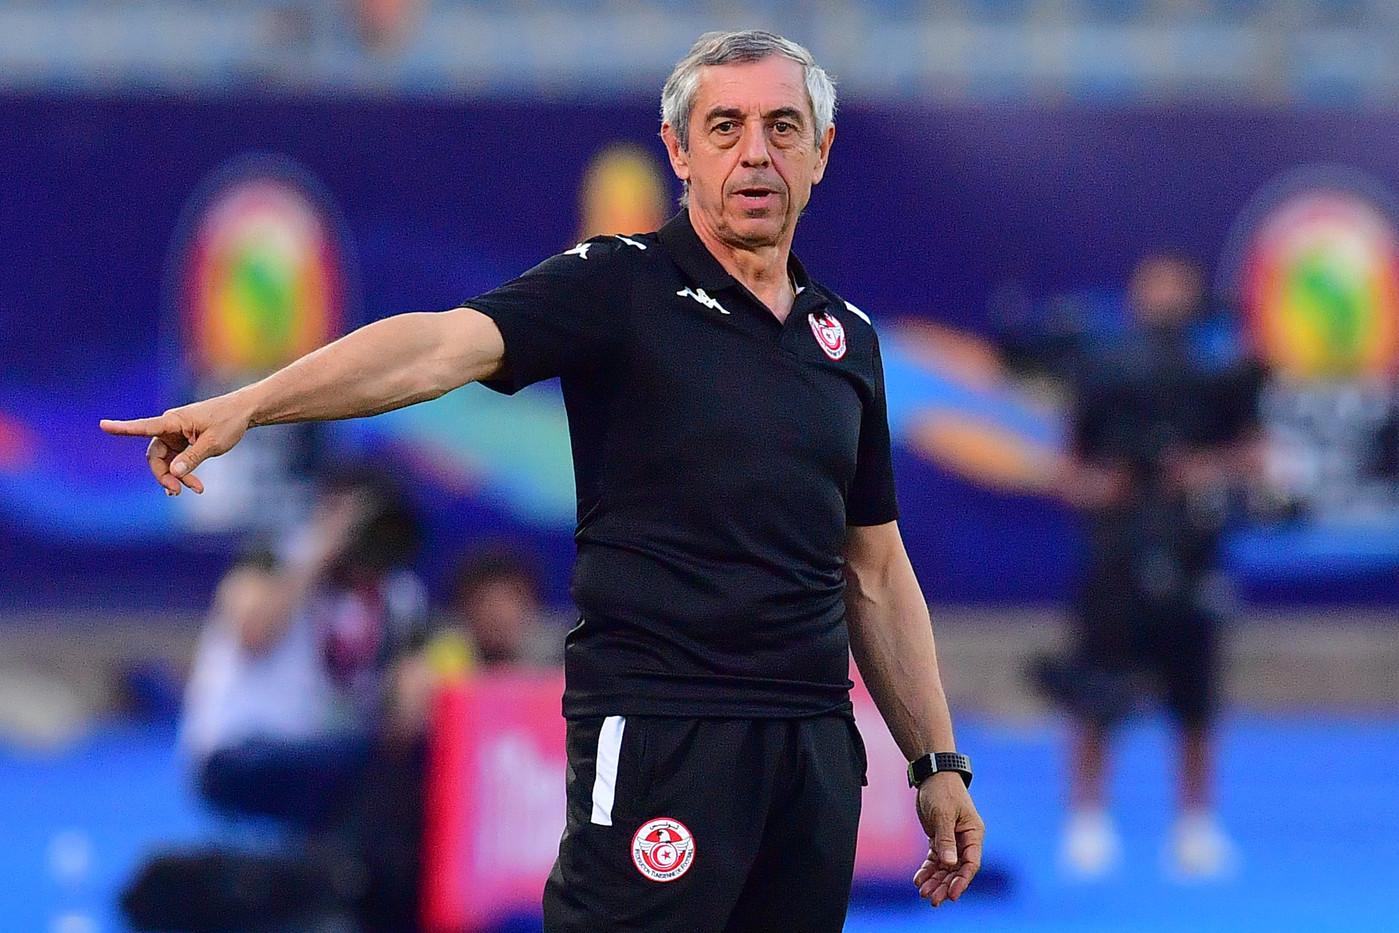 الاتحاد التونسي لكرة القدم يفسخ عقد المدرب آلان جيريس بالتراضي